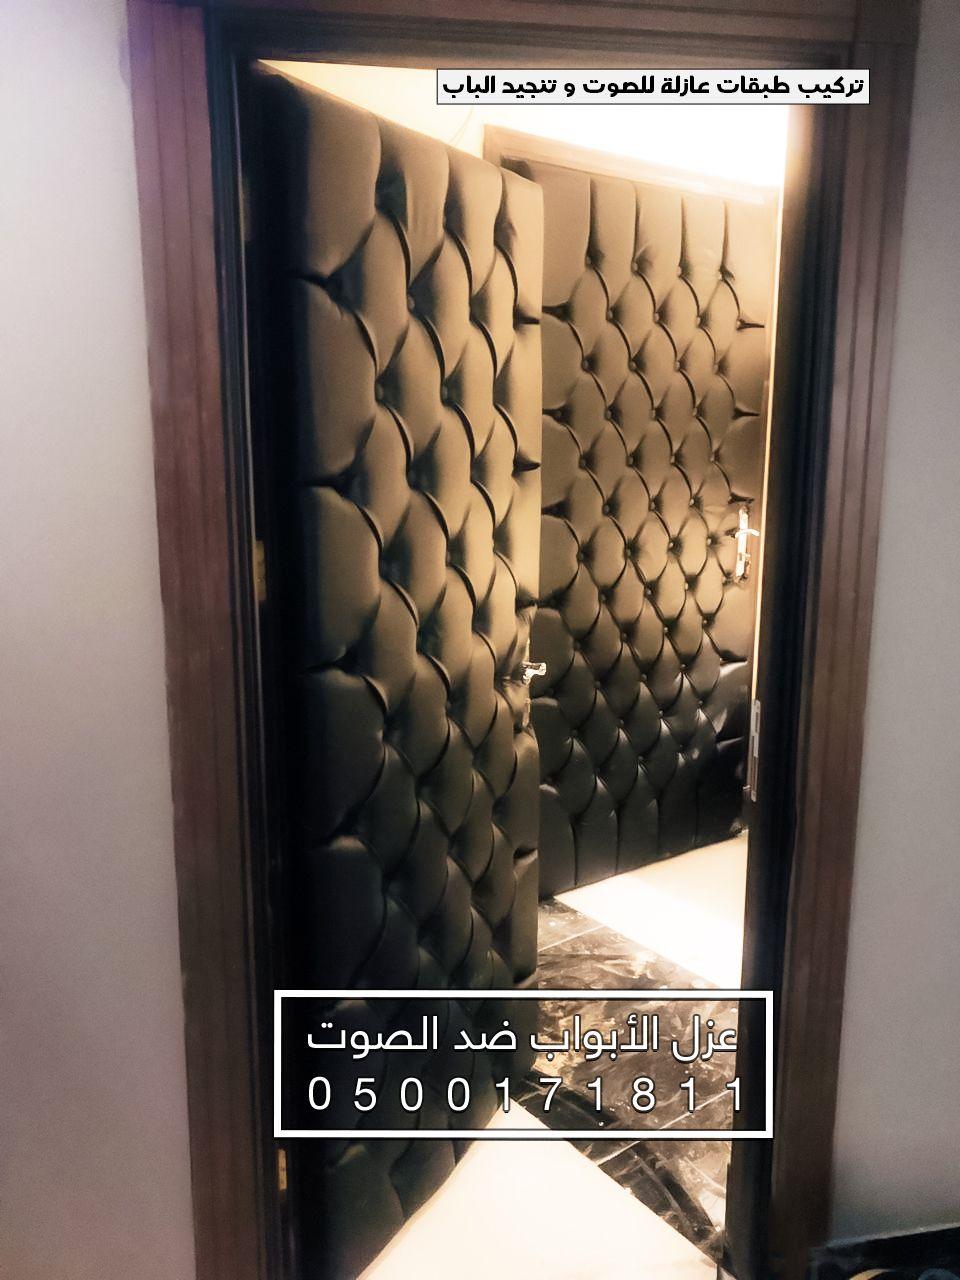 تركيب عازل على الأبواب ضد الصوت